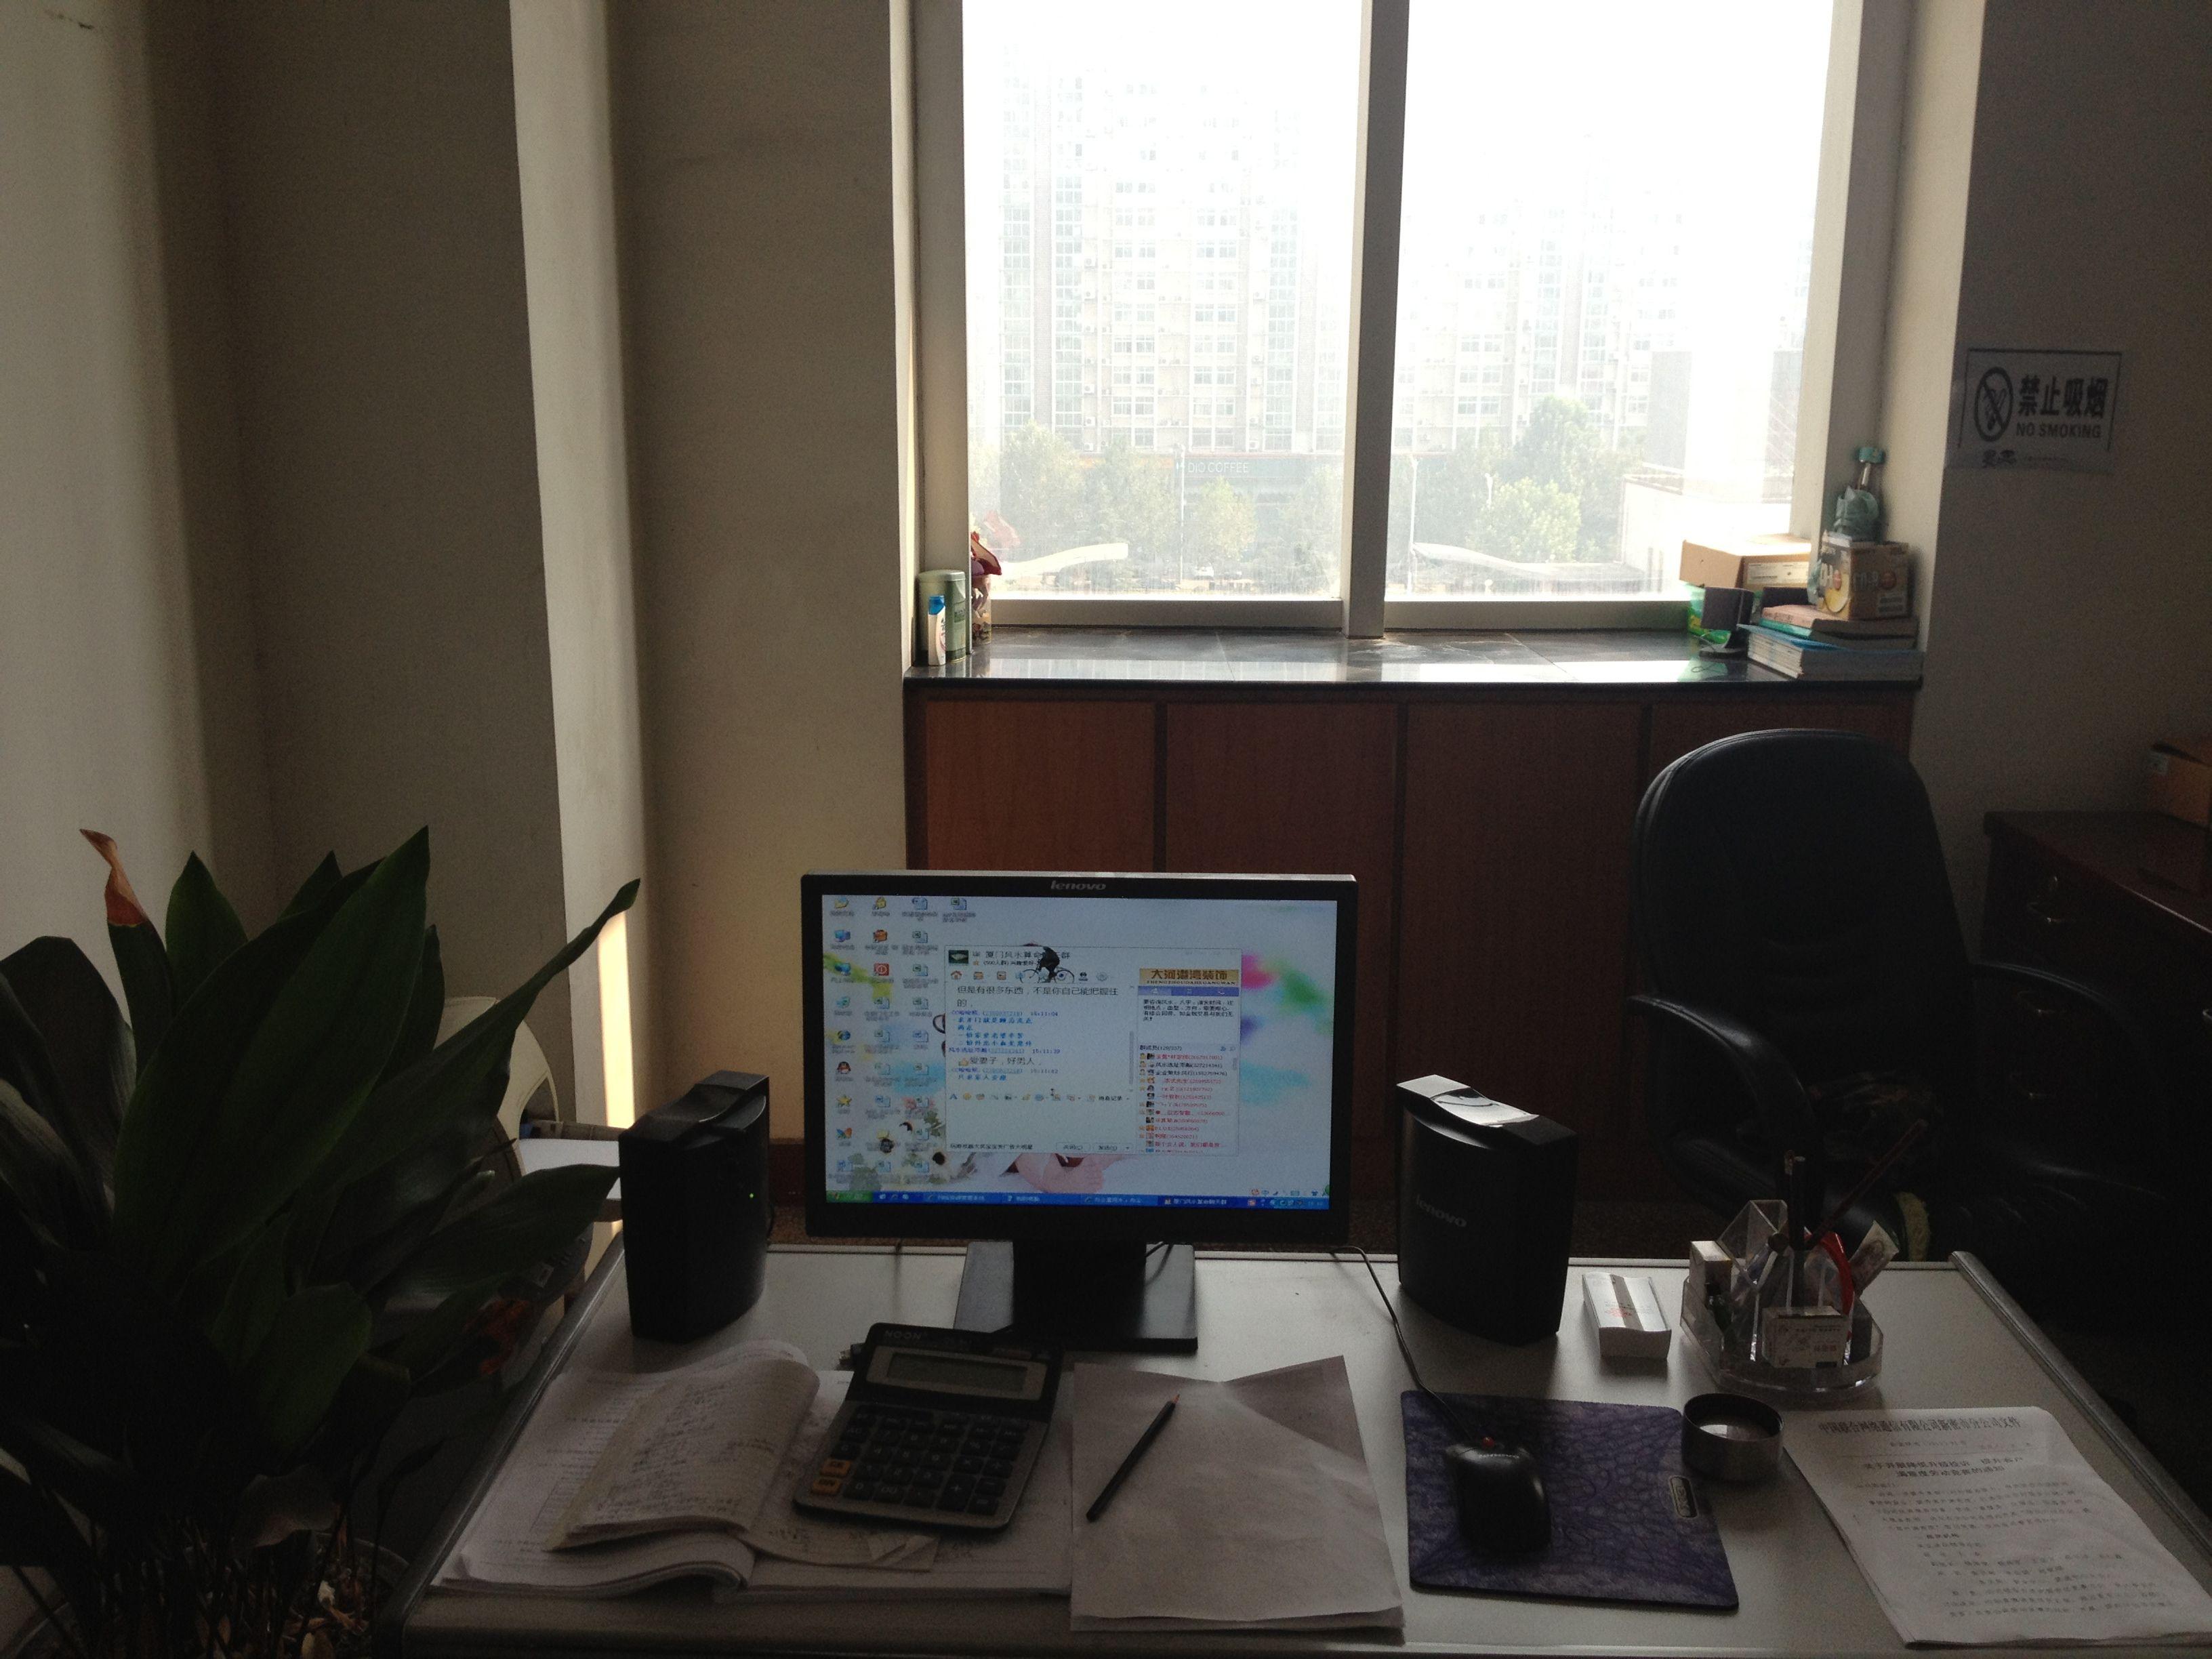 办公室风水,办公桌怎么摆放怎么样最好.风水最好求助.图片